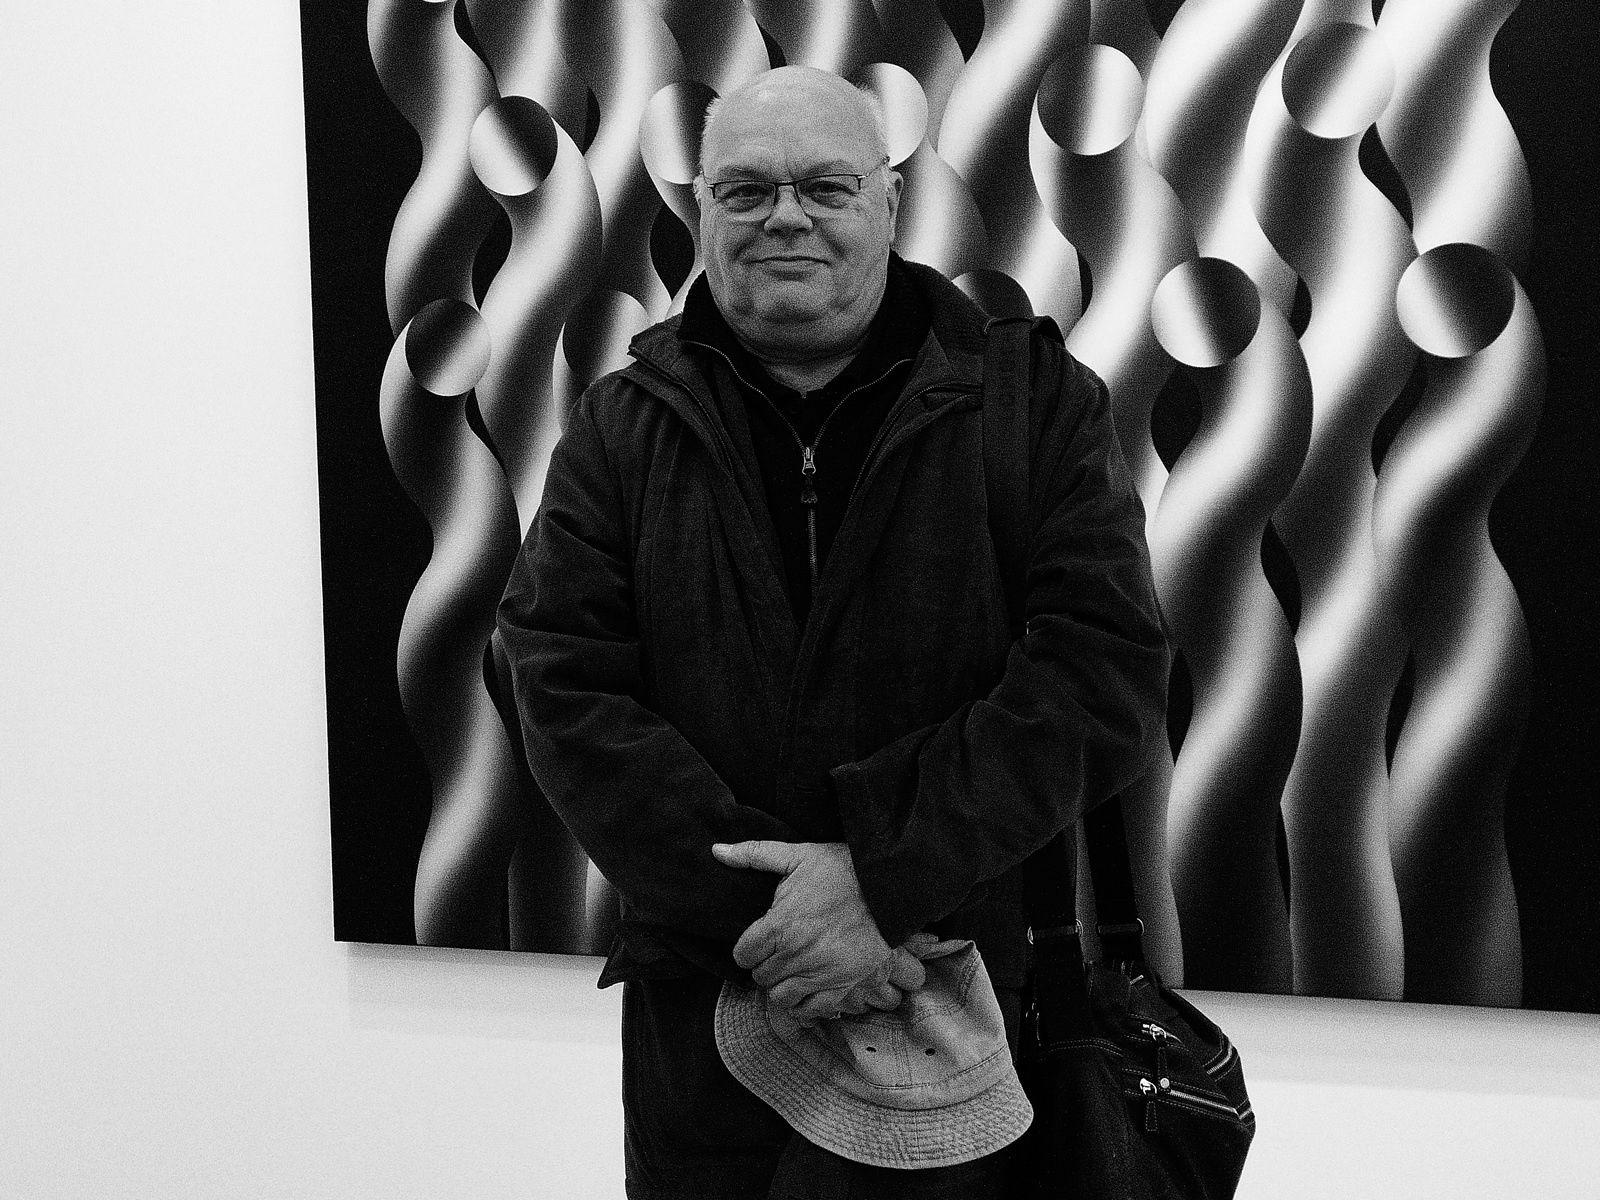 c'est à la Galerie Perrotin  / 76 Rue de Turenne / PARIS.75003....jusqu'au 23 décembre 2017 .